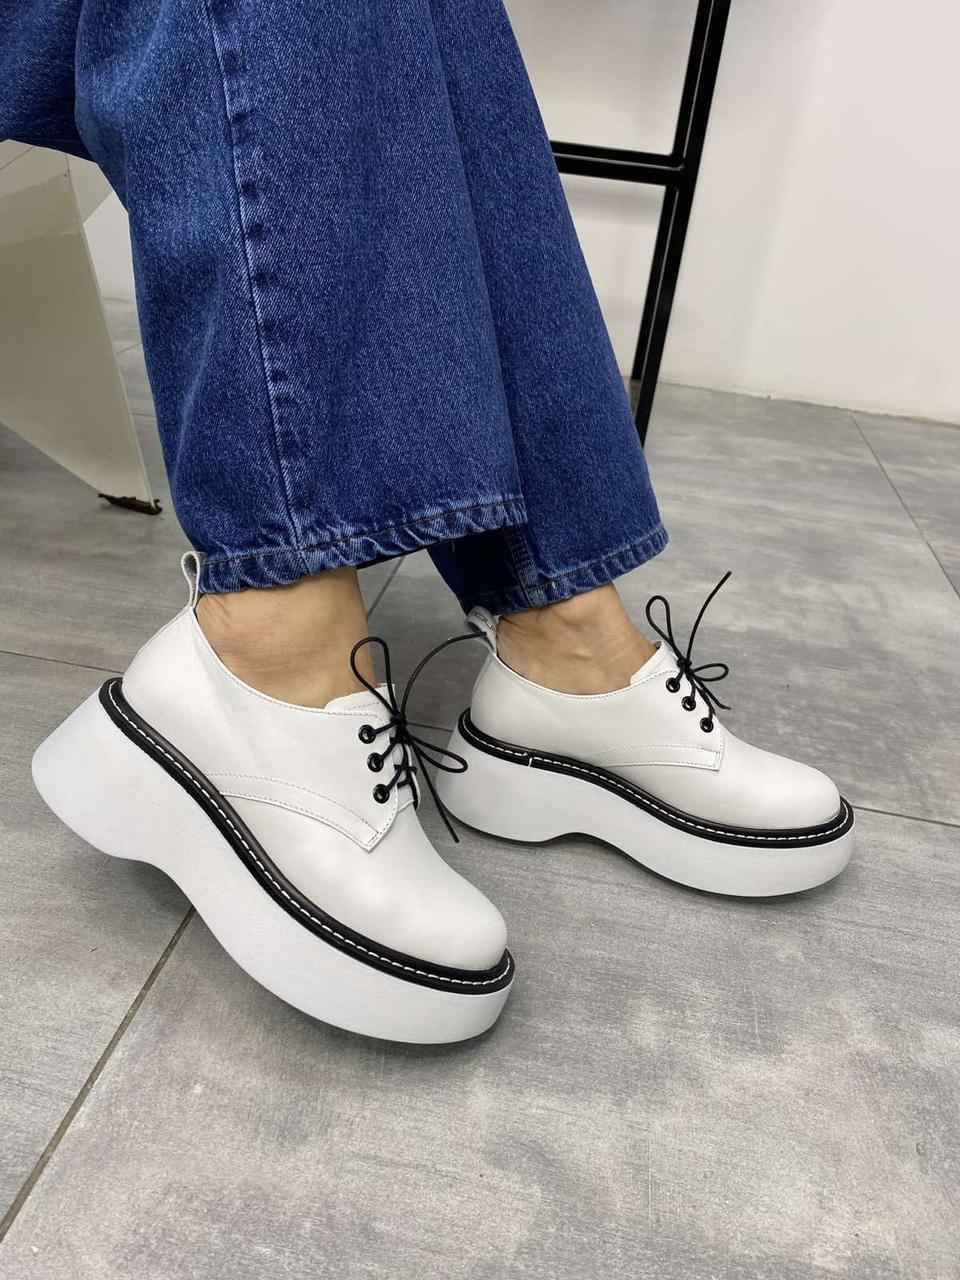 Жіночі білі туфлі дербі в стилі Dr. Martens, виконані з натуральної шкіри